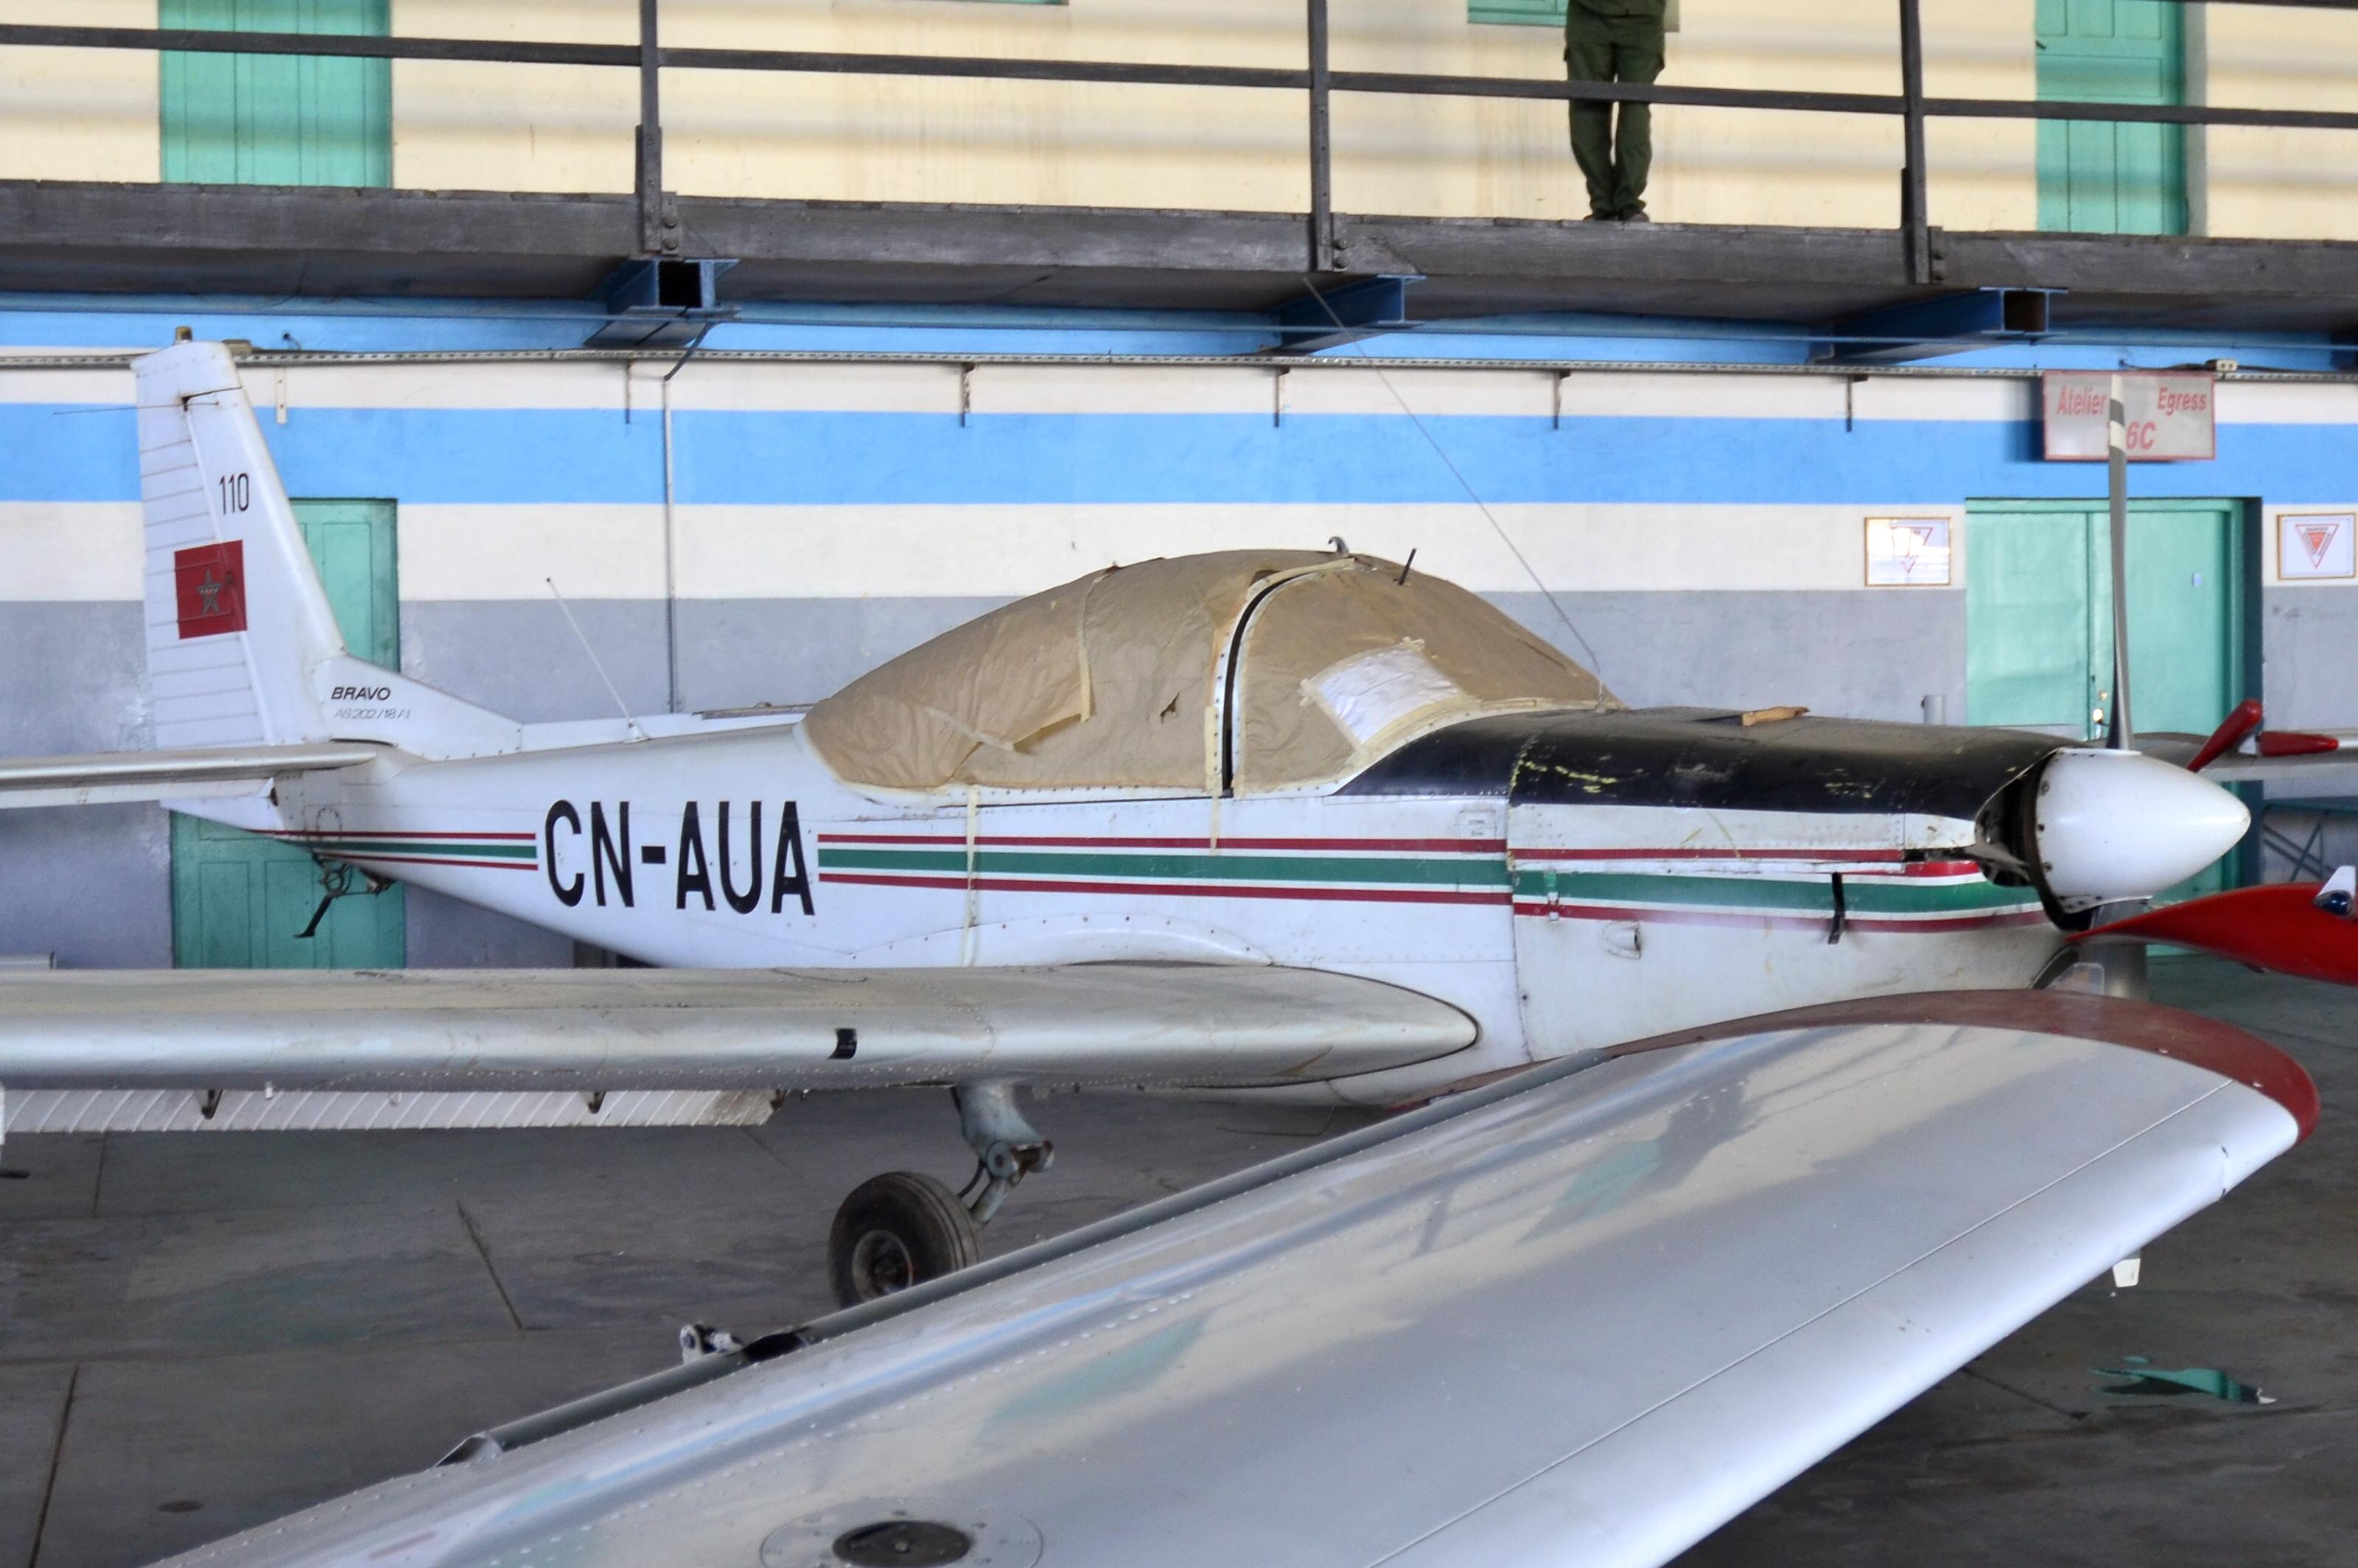 FRA: Photos avions d'entrainement et anti insurrection - Page 9 31726541784_60ed015097_o